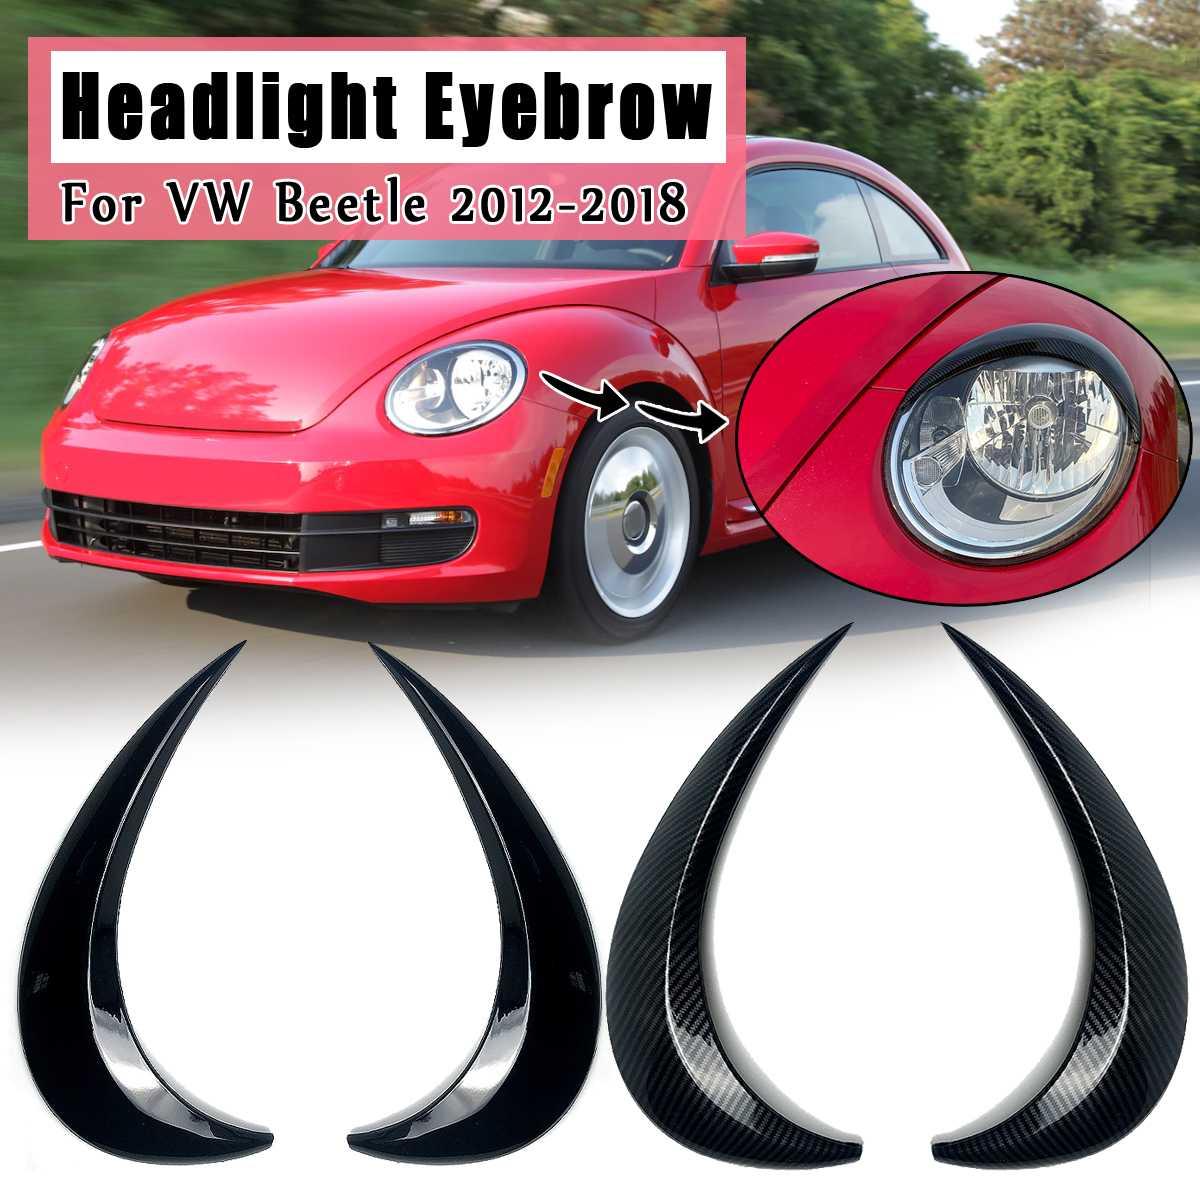 Farol do carro sobrancelha pálpebras abs adesivos guarnição capa para vw beetle 2012 2013 2014 2015 2016 17 2018 estilo do carro acessórios